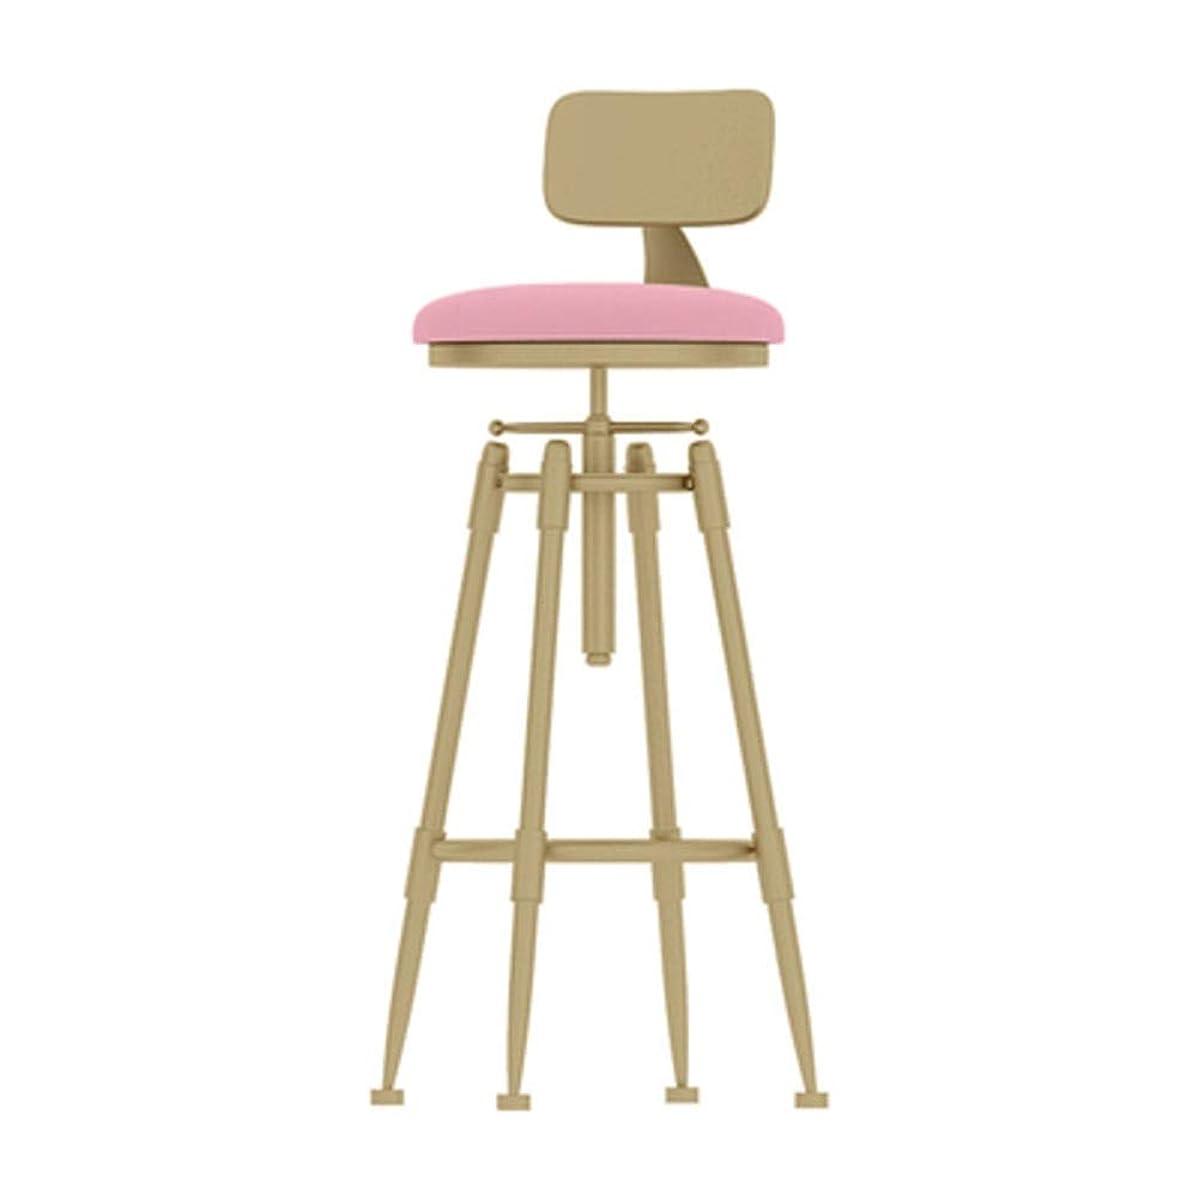 悪のシェルターキノコバースツール キッチンコーヒーショップのバックパッドスーツ椅子ハイスツール回転北欧バーチェア調節可能なスイベルバースツール バーカウンターキッチンとホームバースツール用 (色 : ピンク, サイズ : 45X45X75CM)